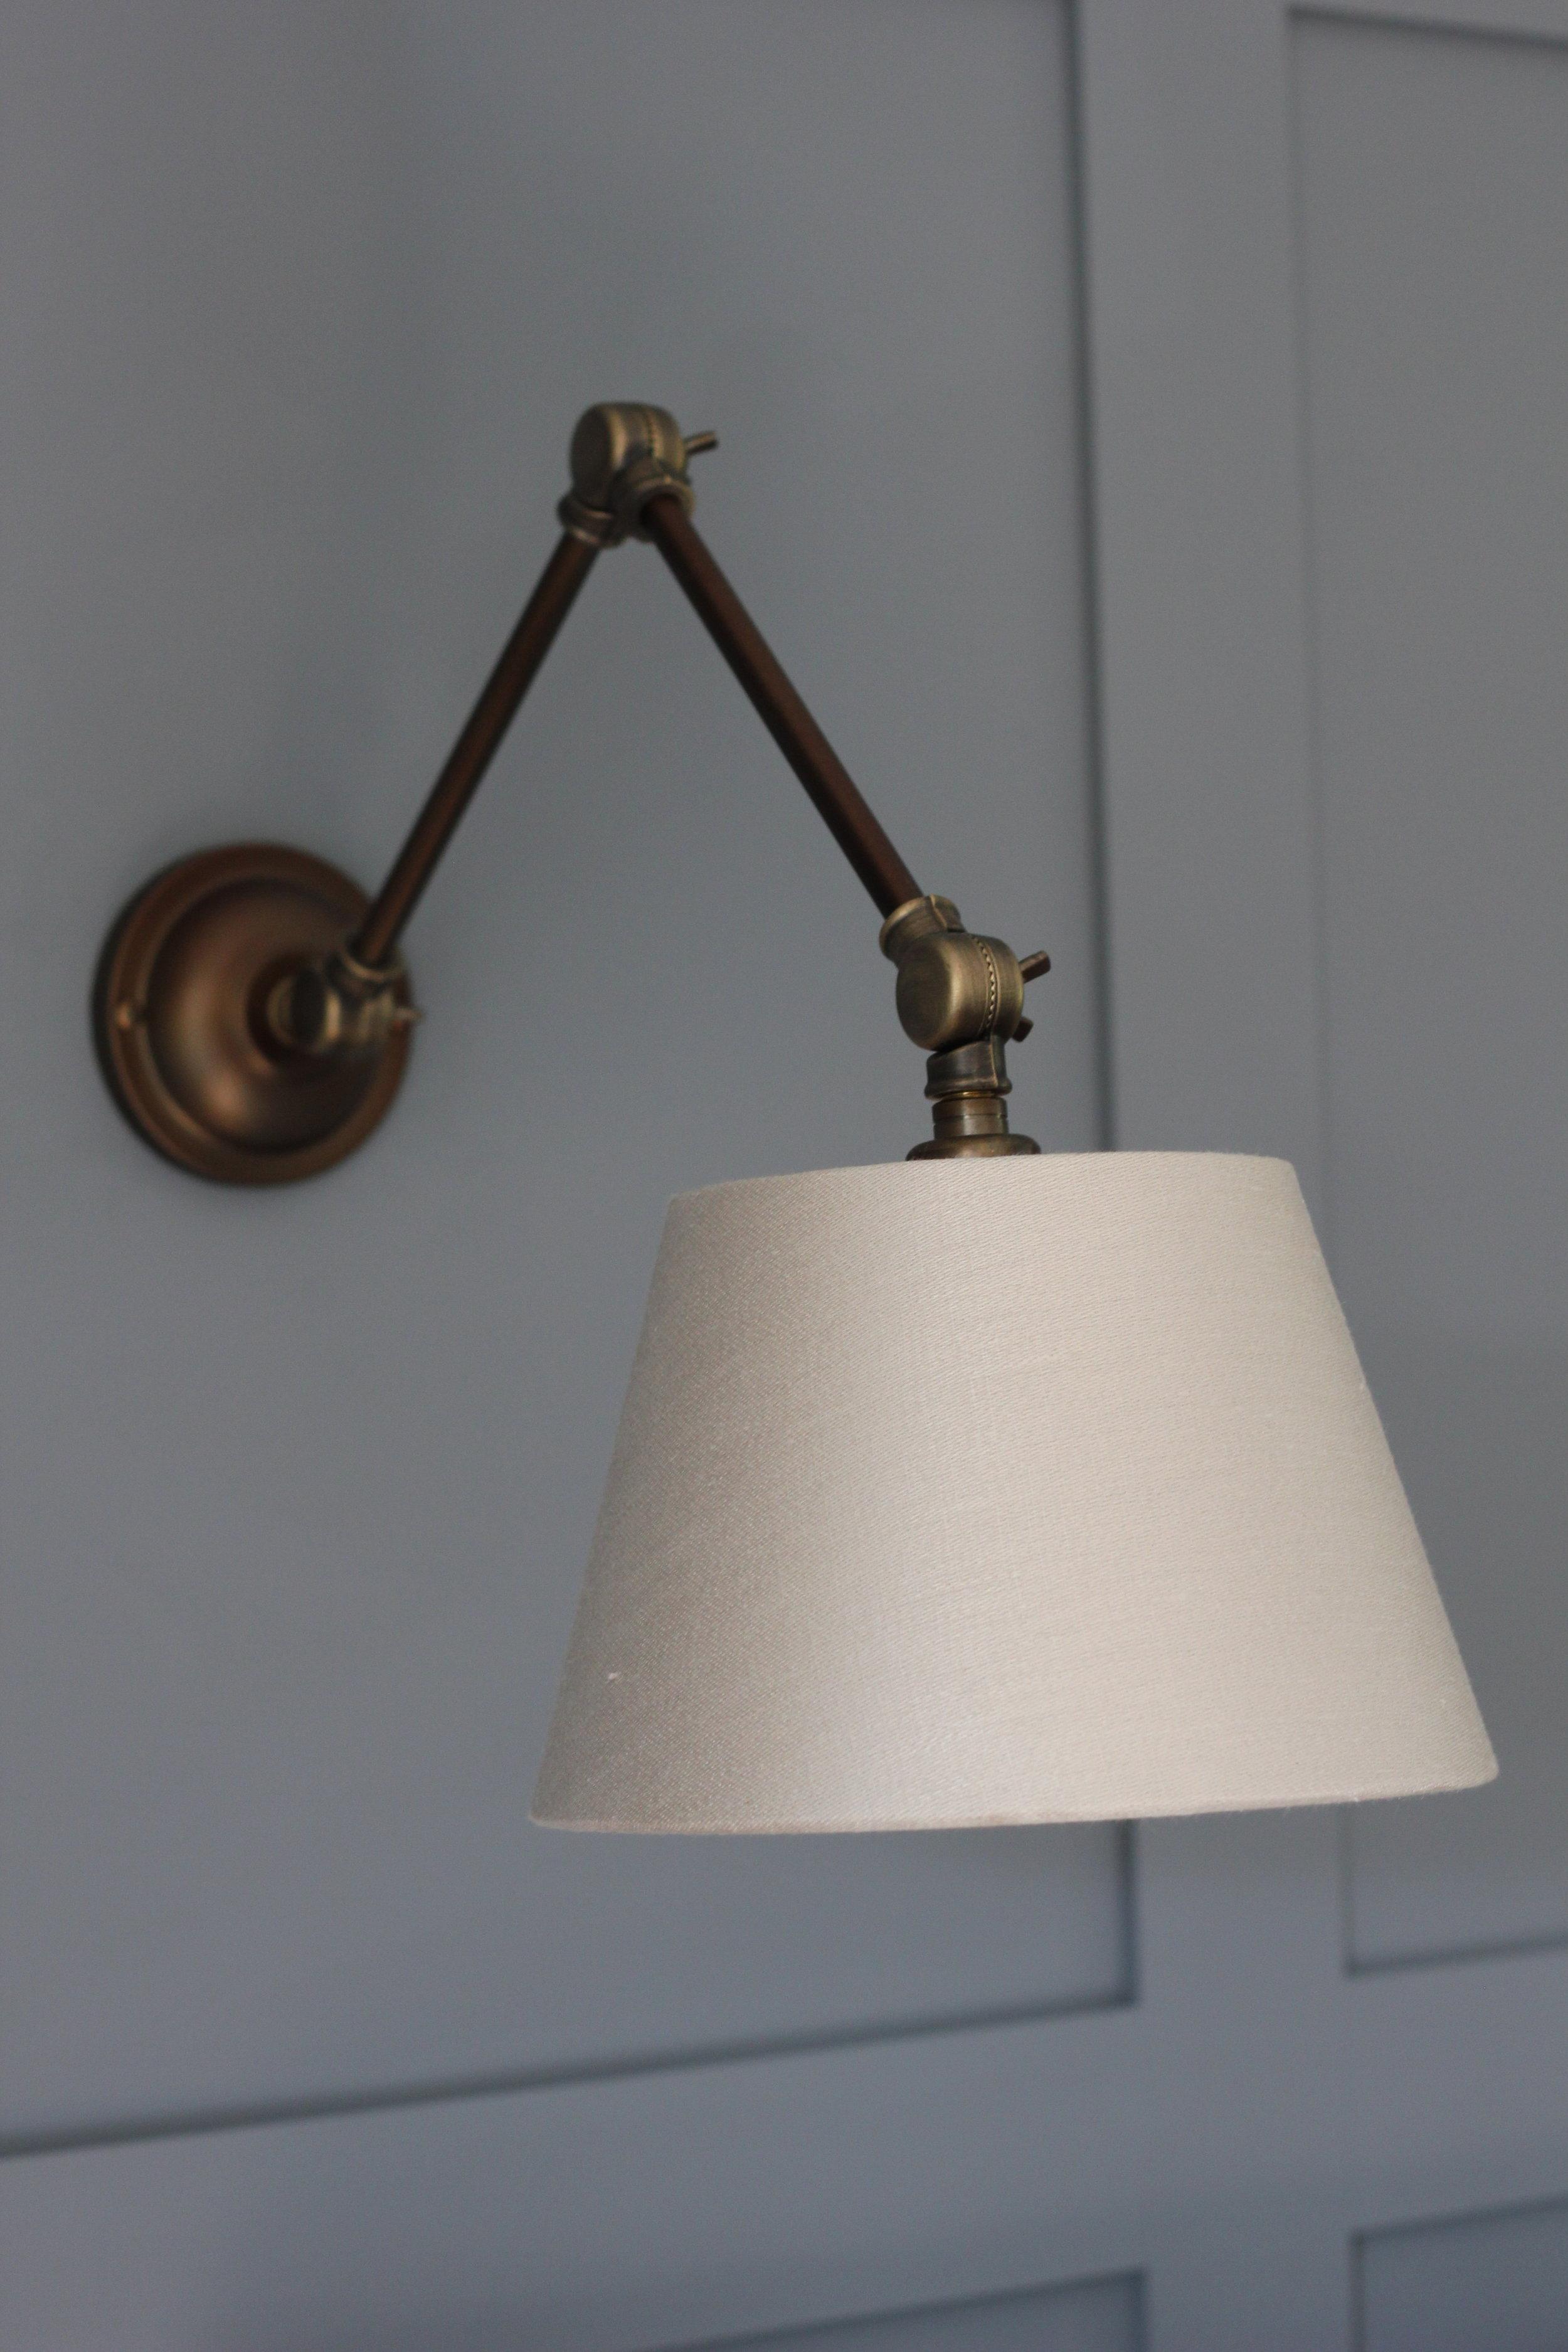 Hoxton - Antique Brass  Outer Shade - Linen  Inner Shade - Bronze Metallic